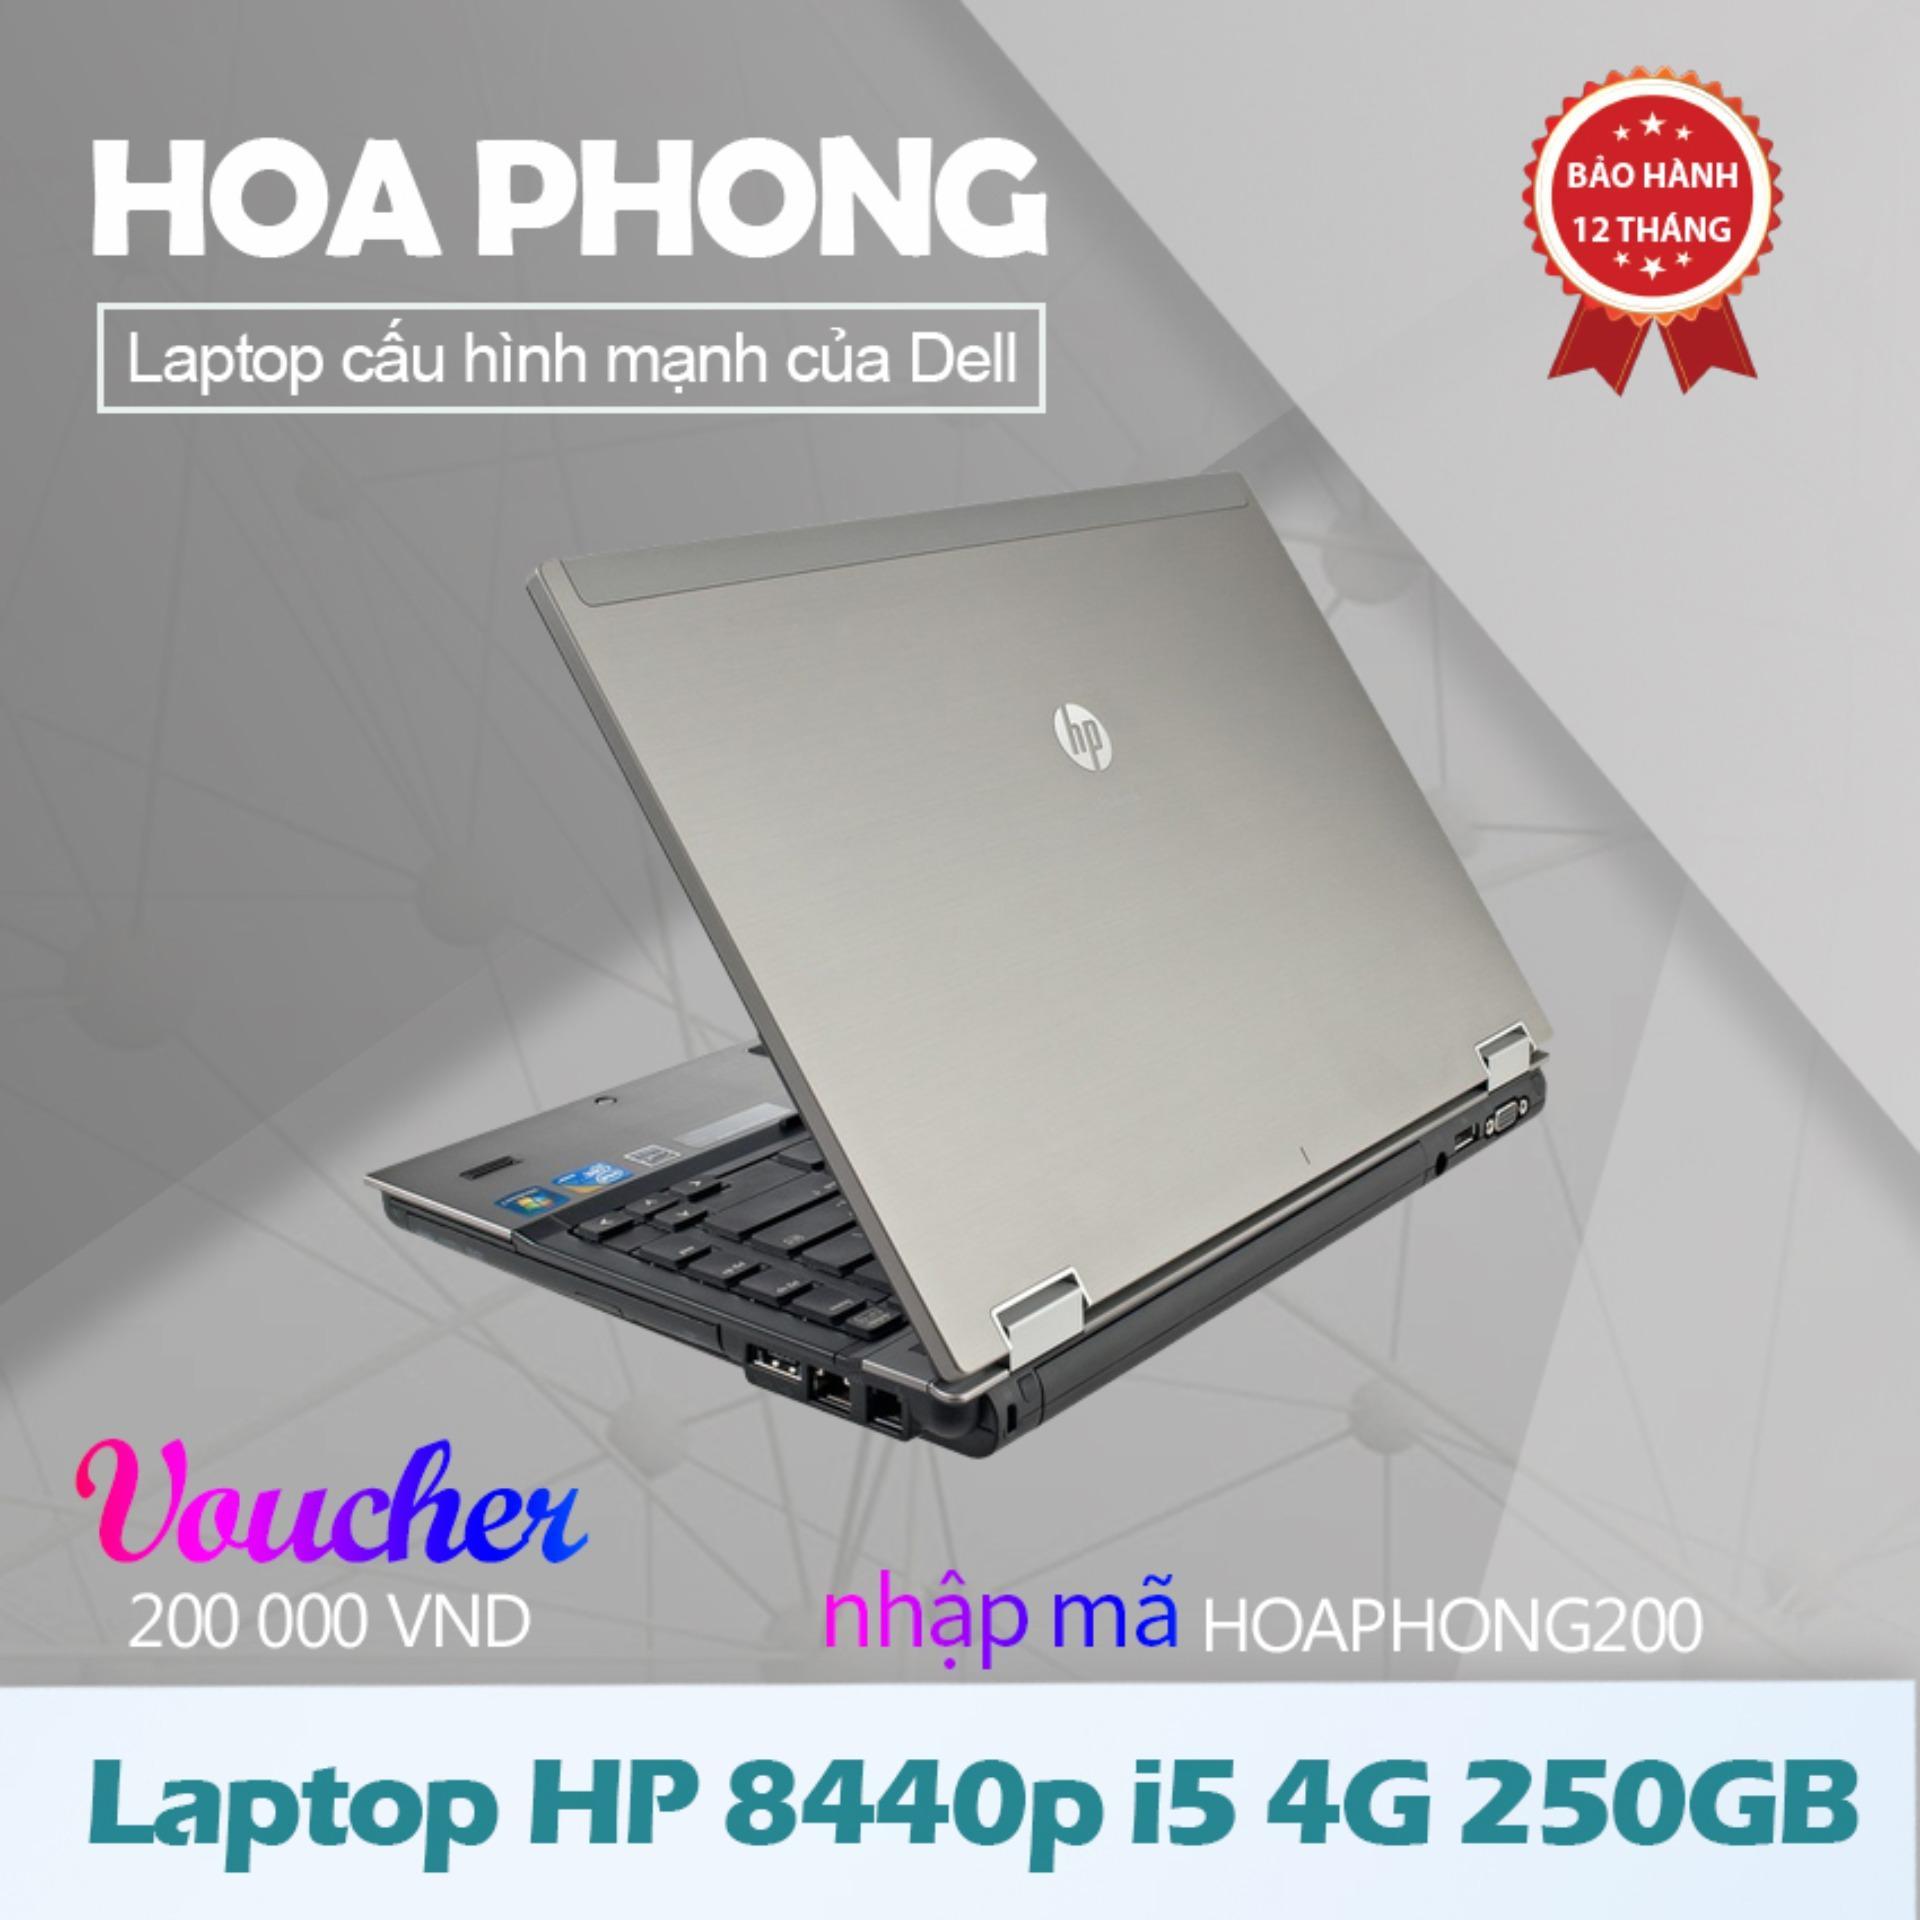 Laptop HP 8440p i5 4G 250GB - Hàng nhập khẩu